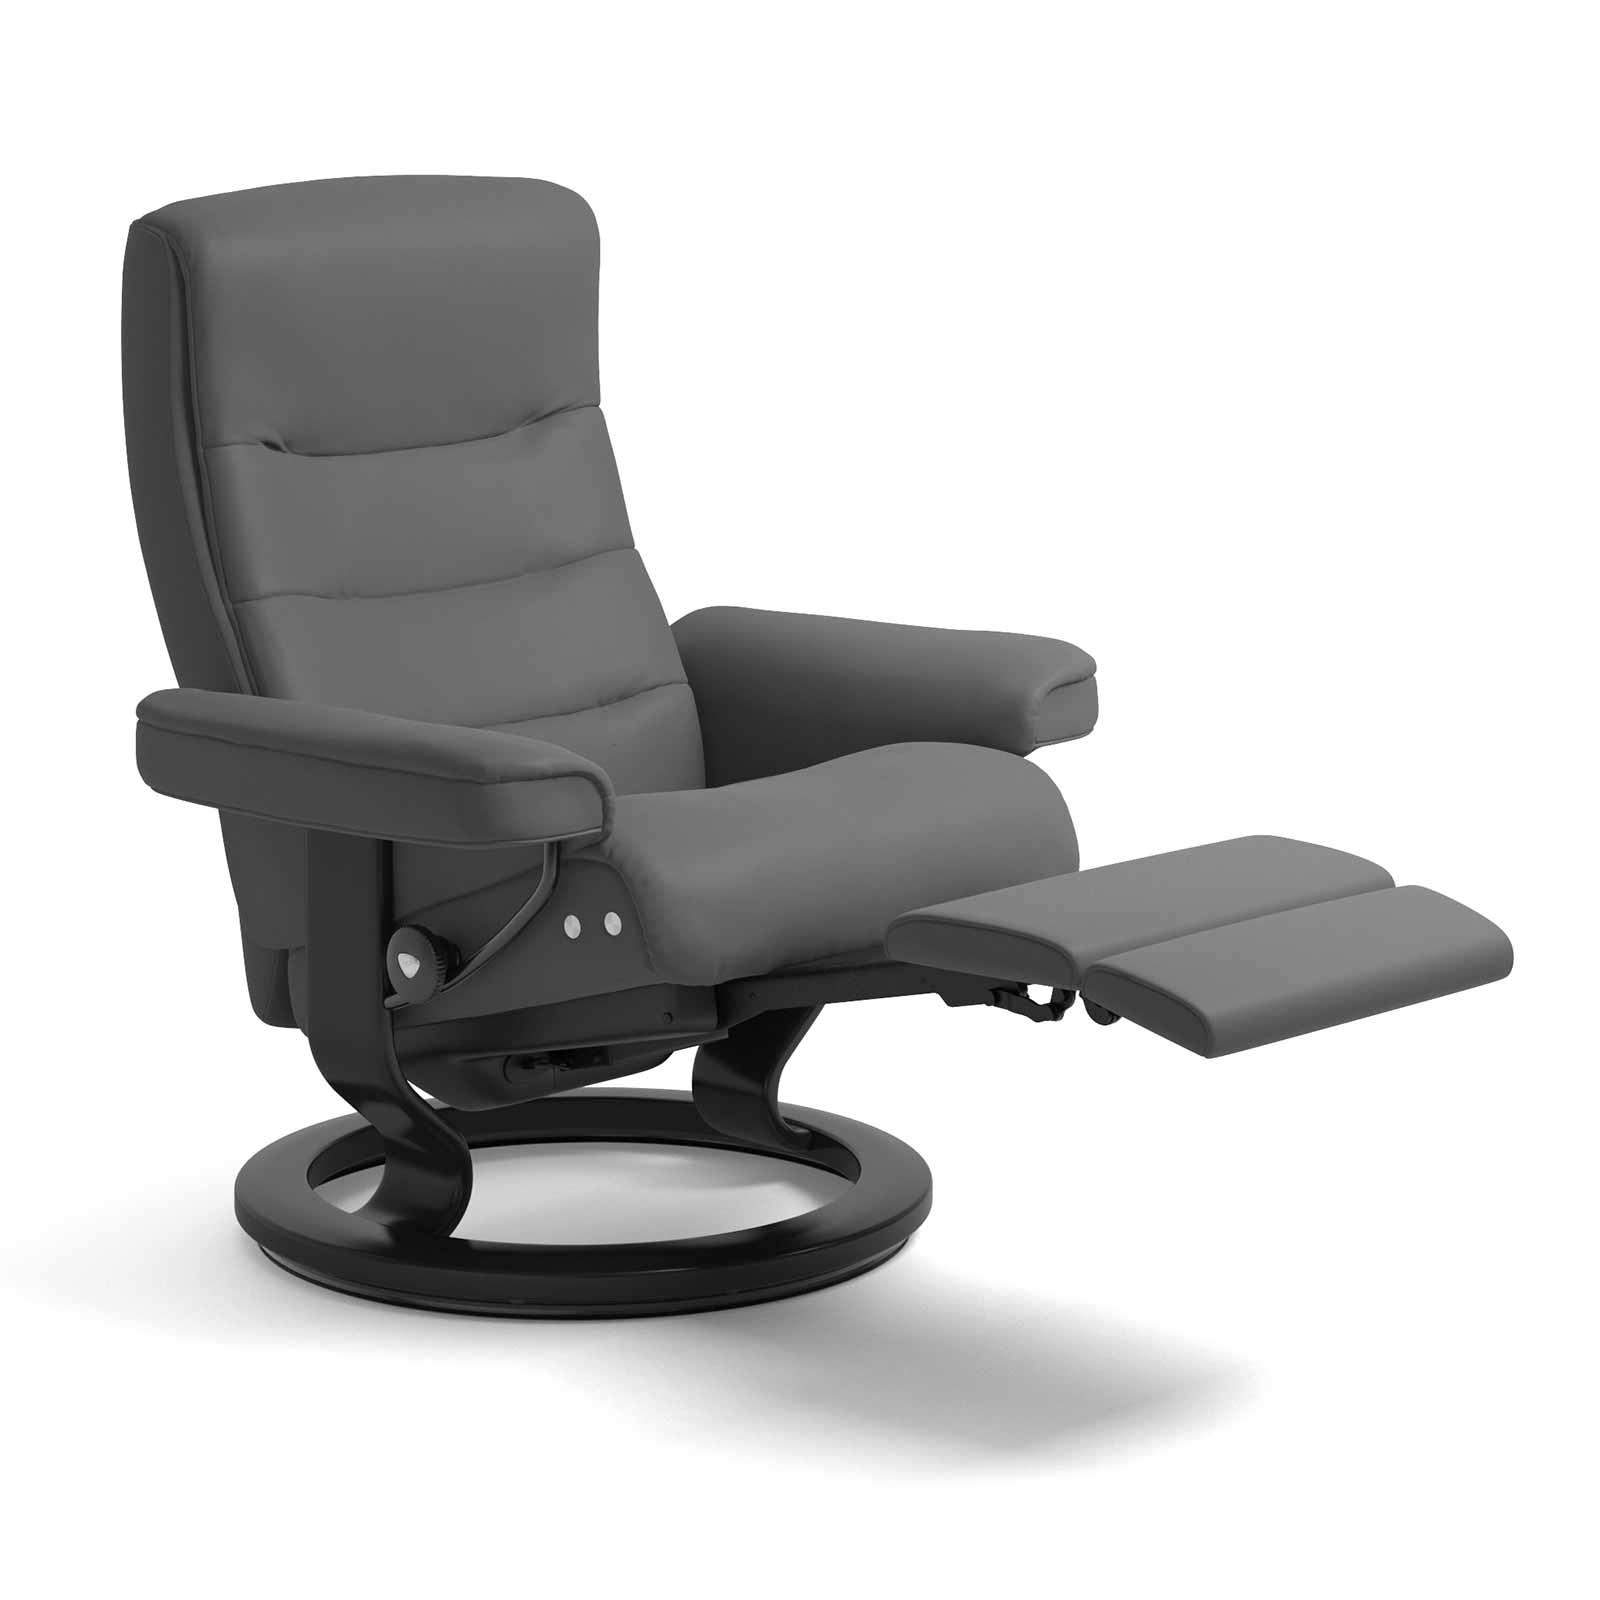 stressless sessel nordic legcomfort batick grau mit hocker. Black Bedroom Furniture Sets. Home Design Ideas